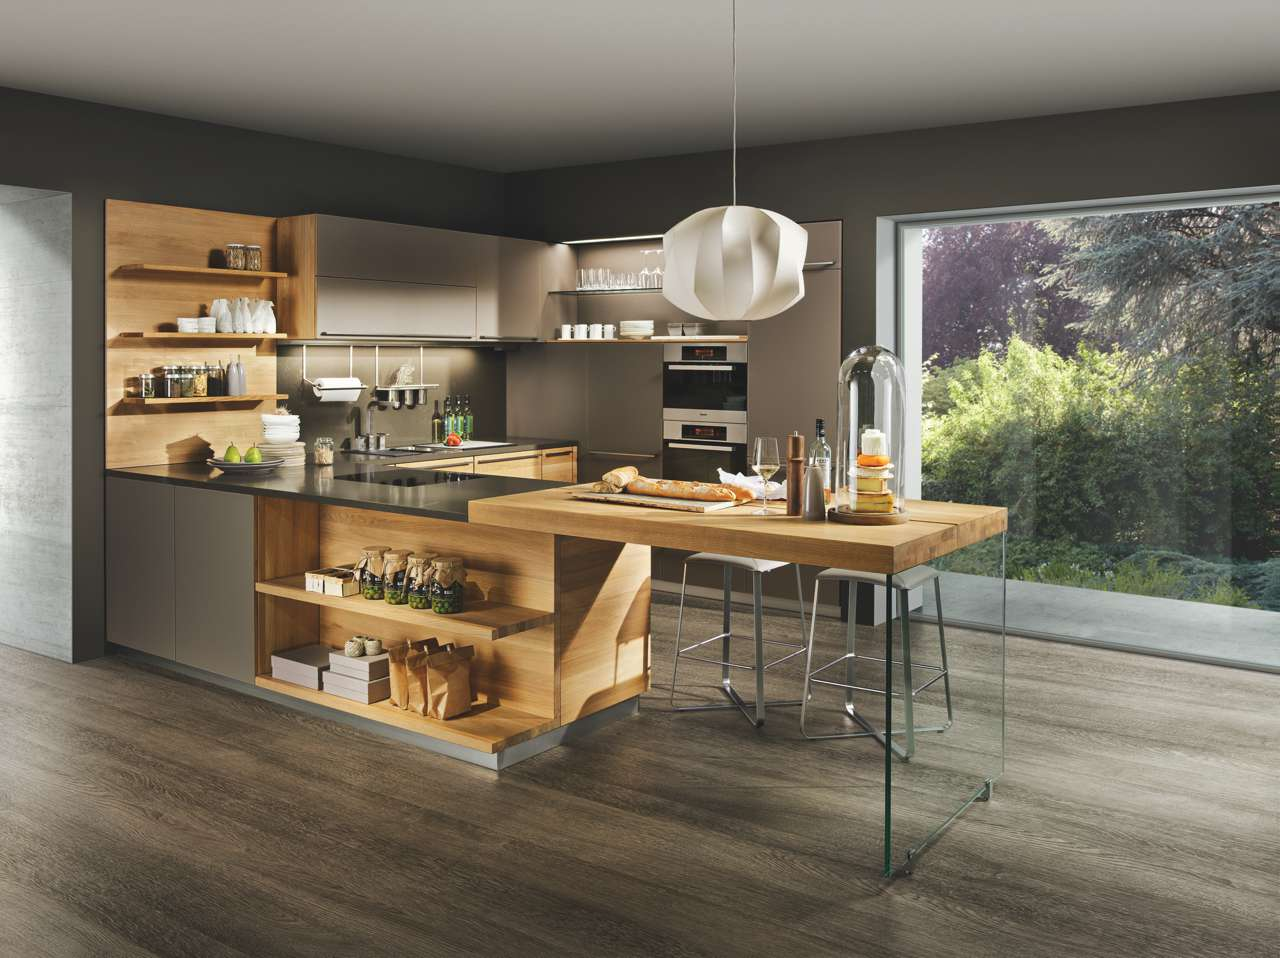 Küchen-Zutat für Genießer: Naturholz | Küchen Journal